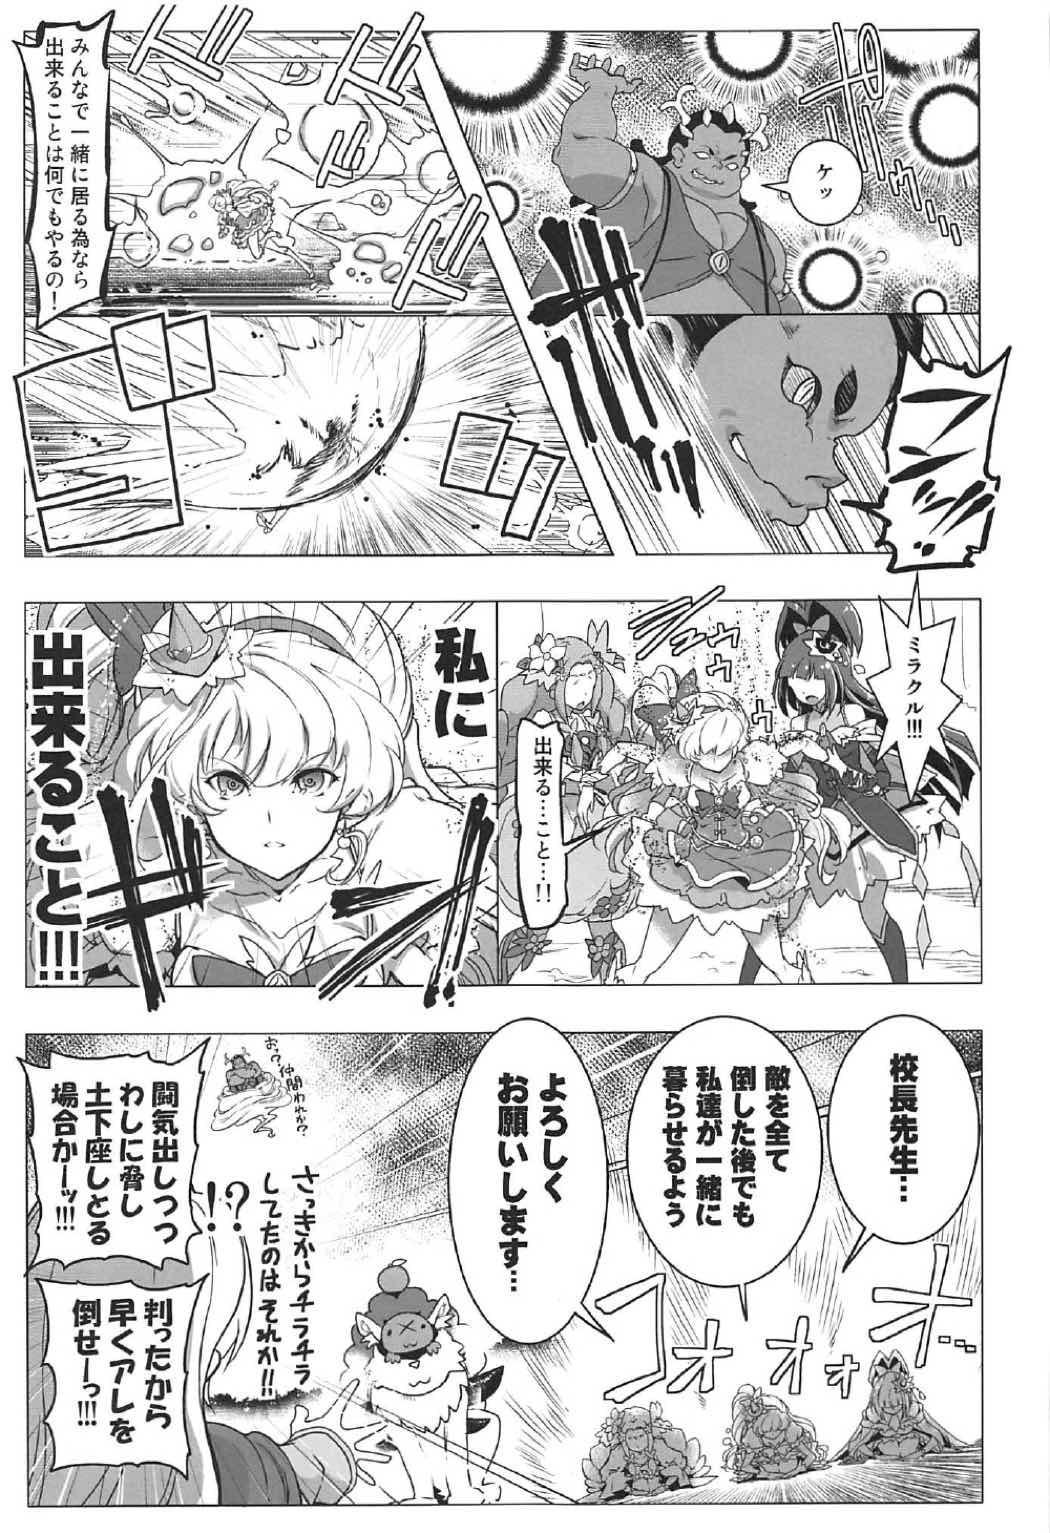 Yuri Mahou wa Himitsu no Kaori 4 19